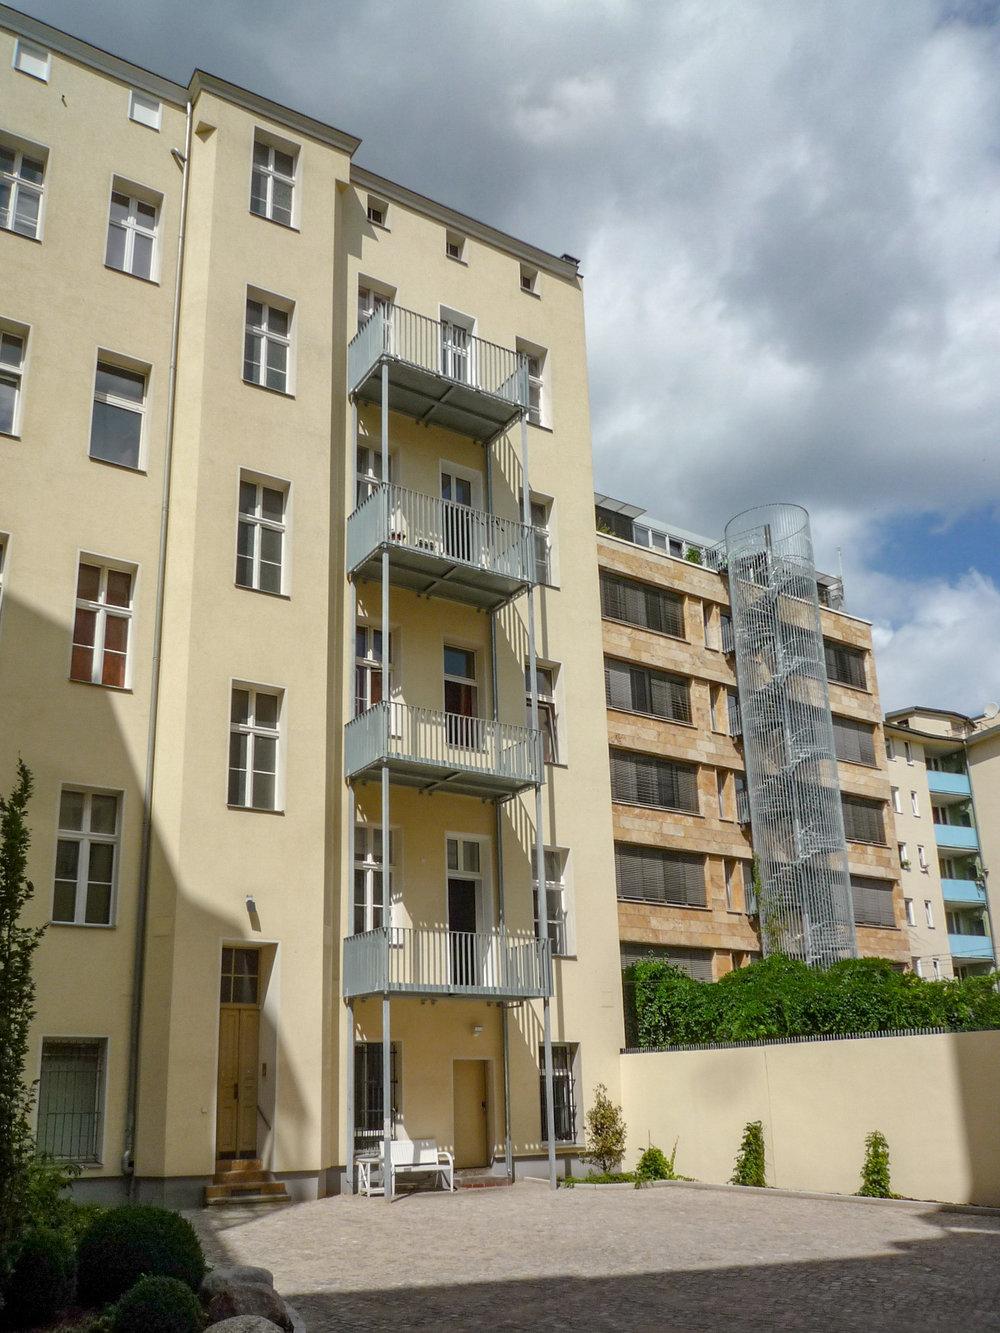 07-Wittenbergplatz_5-6-LIGNE Architekten.jpg